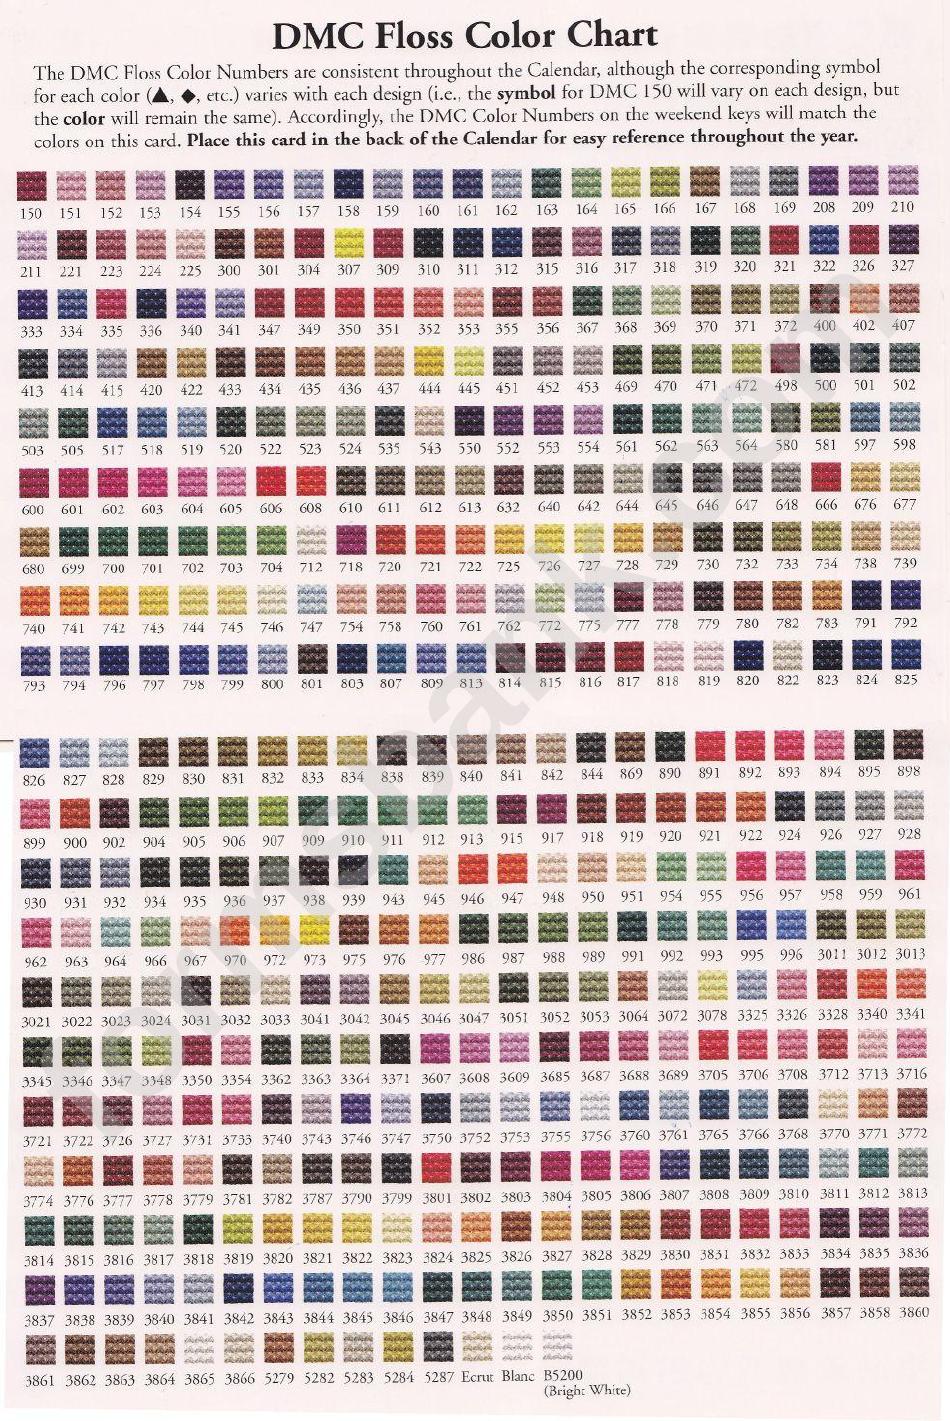 Dmc Floss Color Chart Printable Pdf Download